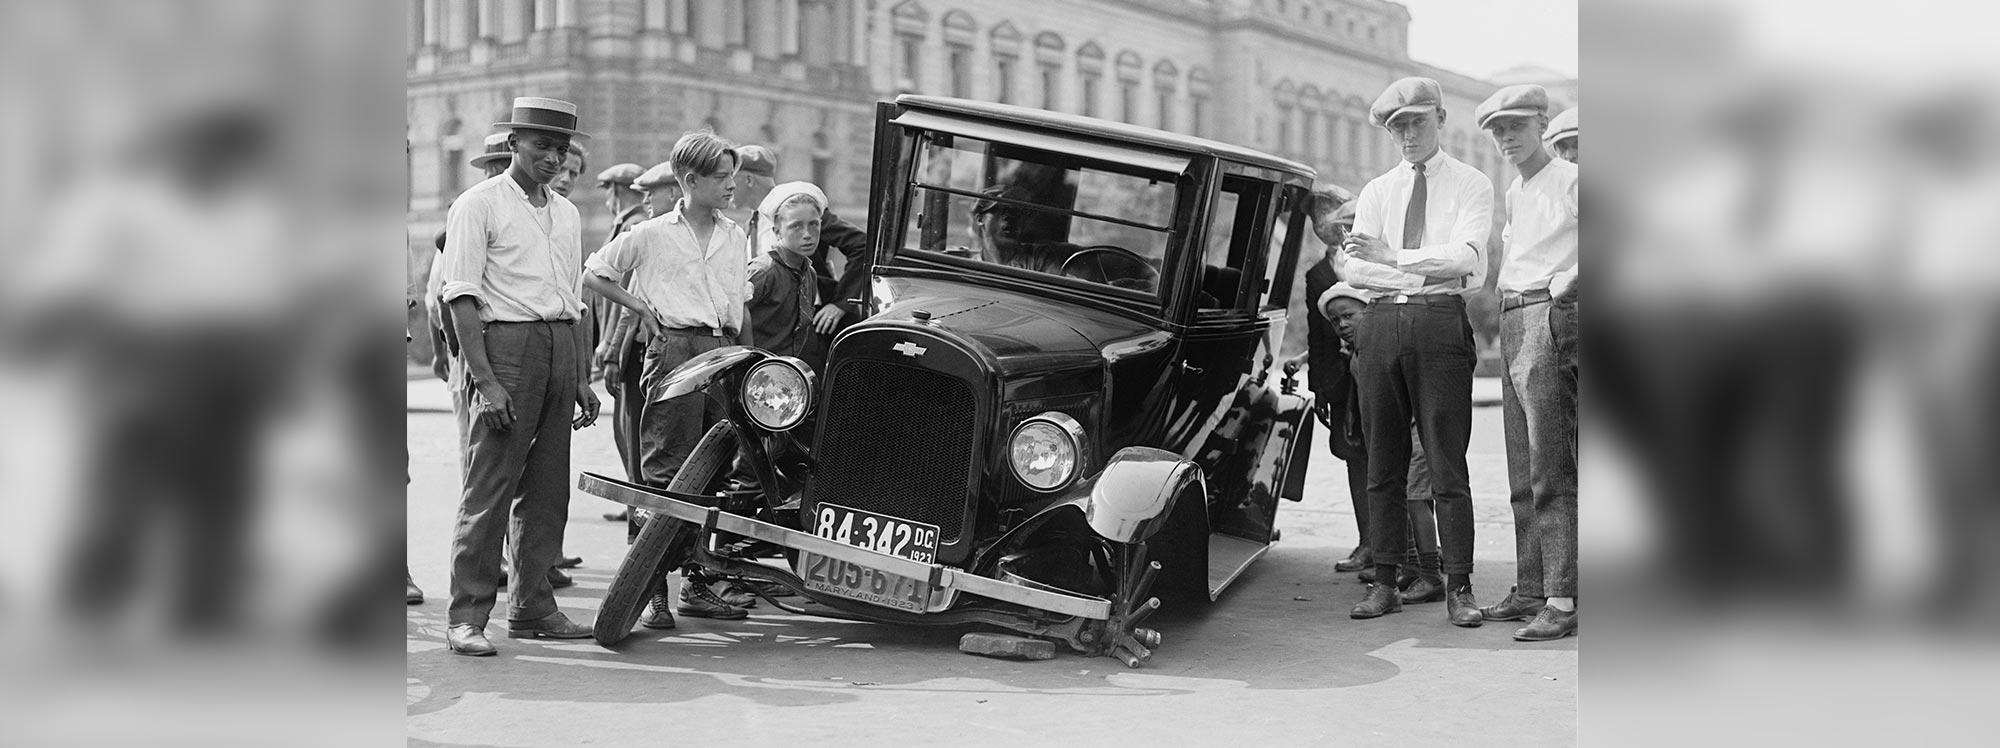 Así nacieron los primeros vehículos motorizados